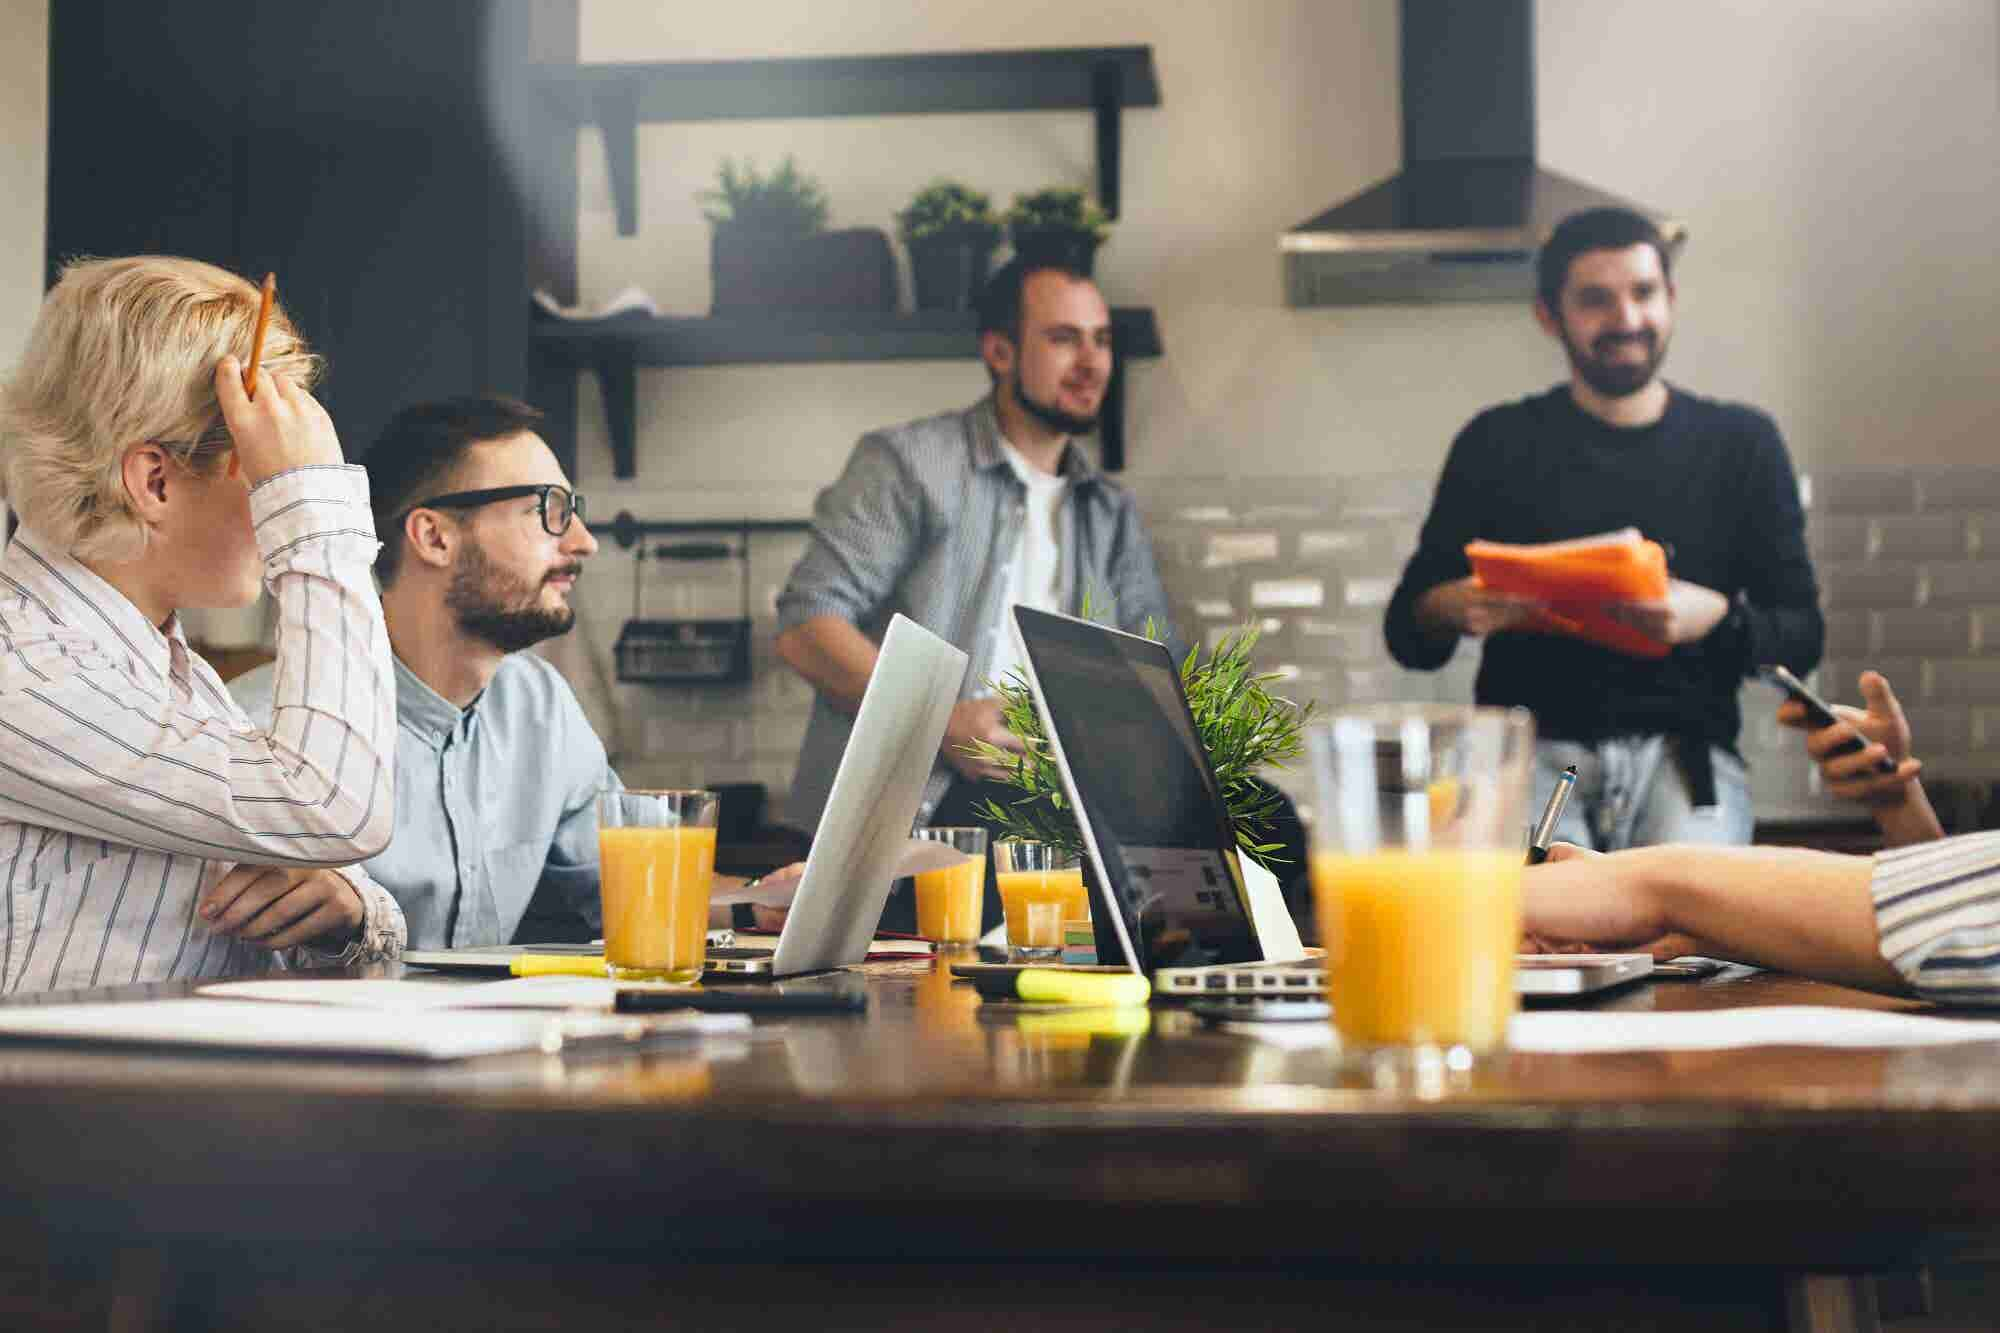 61 espacios de coworking en México que debes conocer